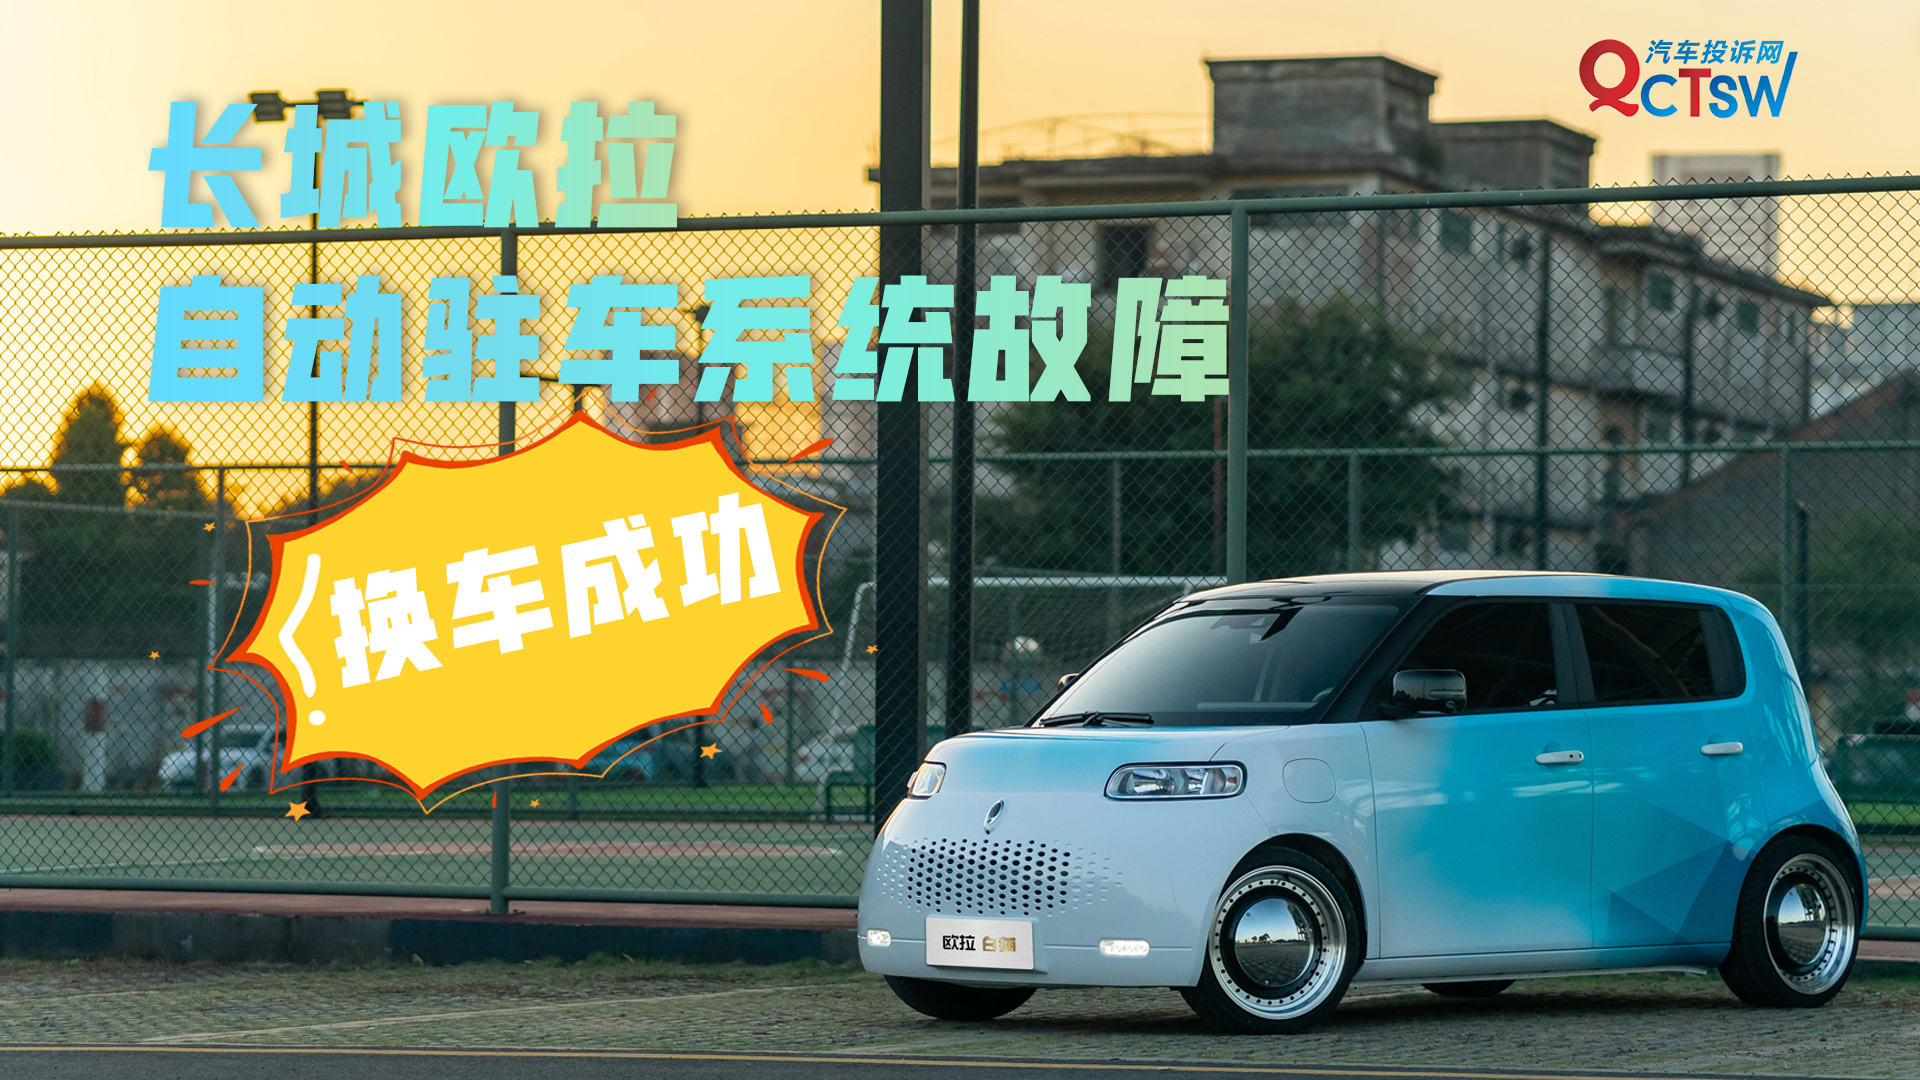 长城欧拉车辆自动驻车系统故障,车主换车成功